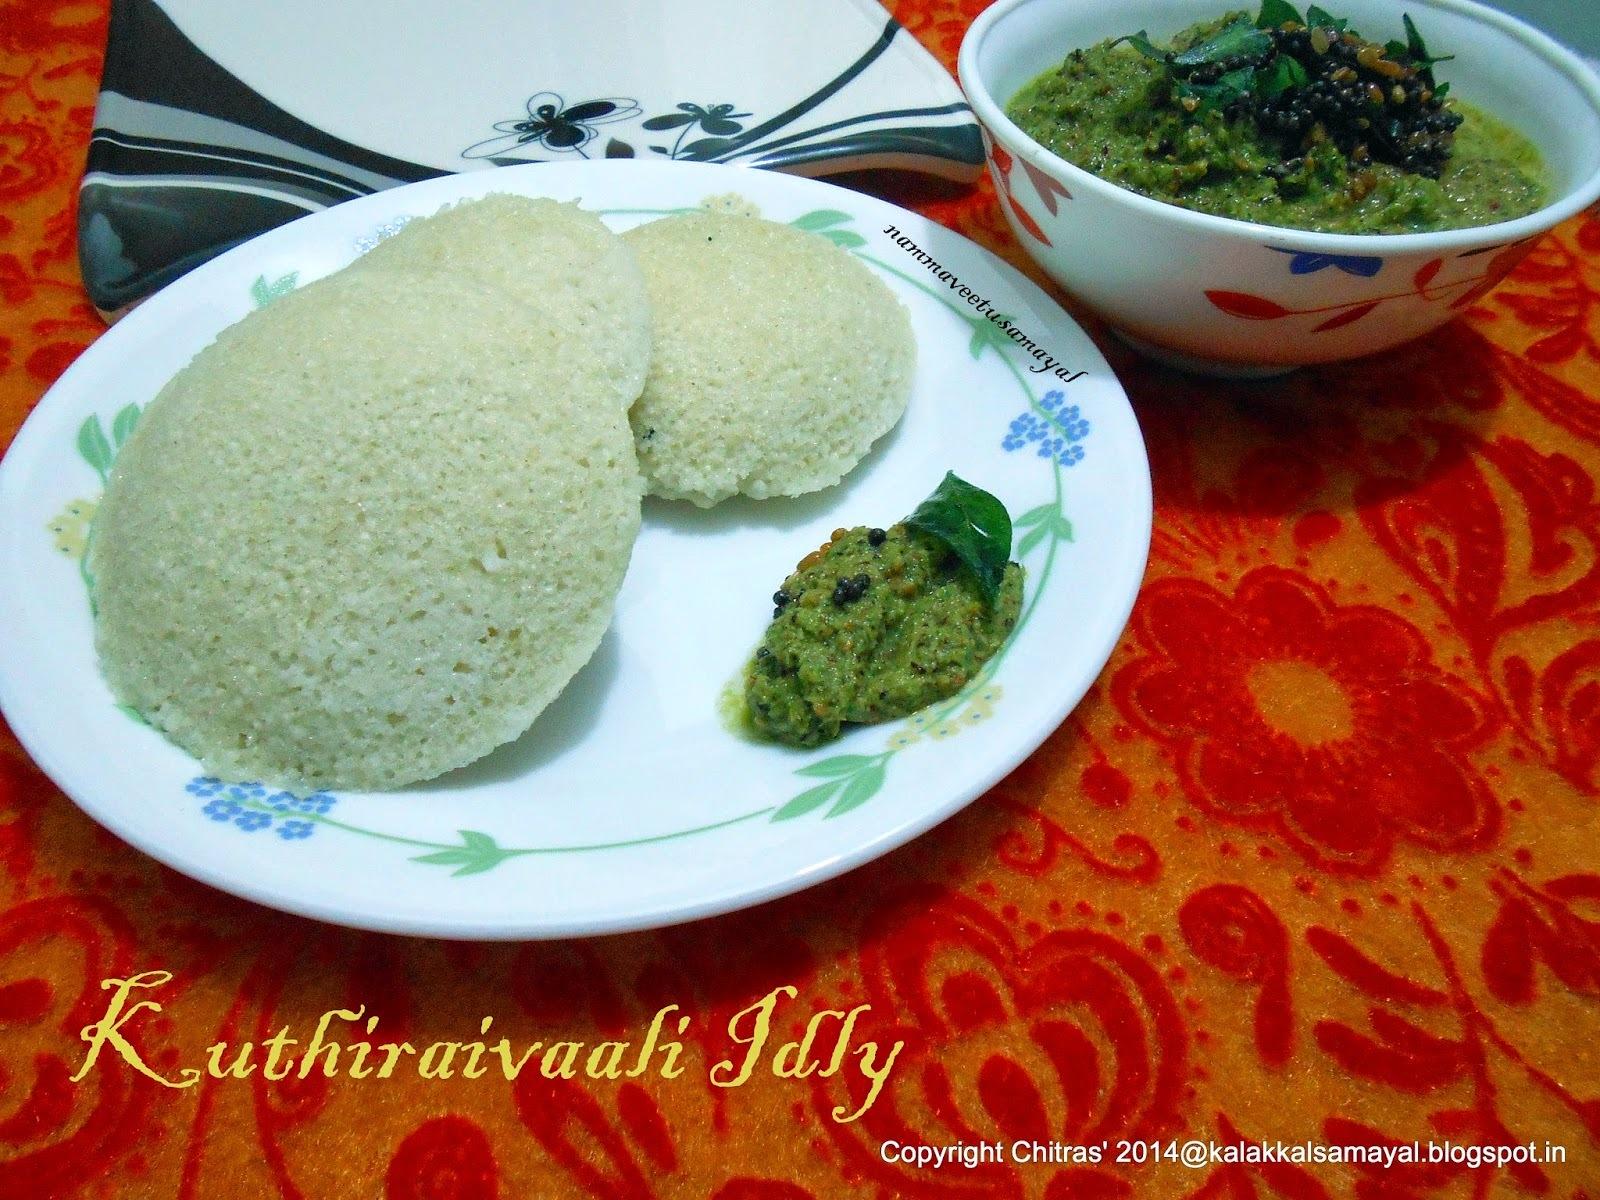 Kuthiraivaali Idly